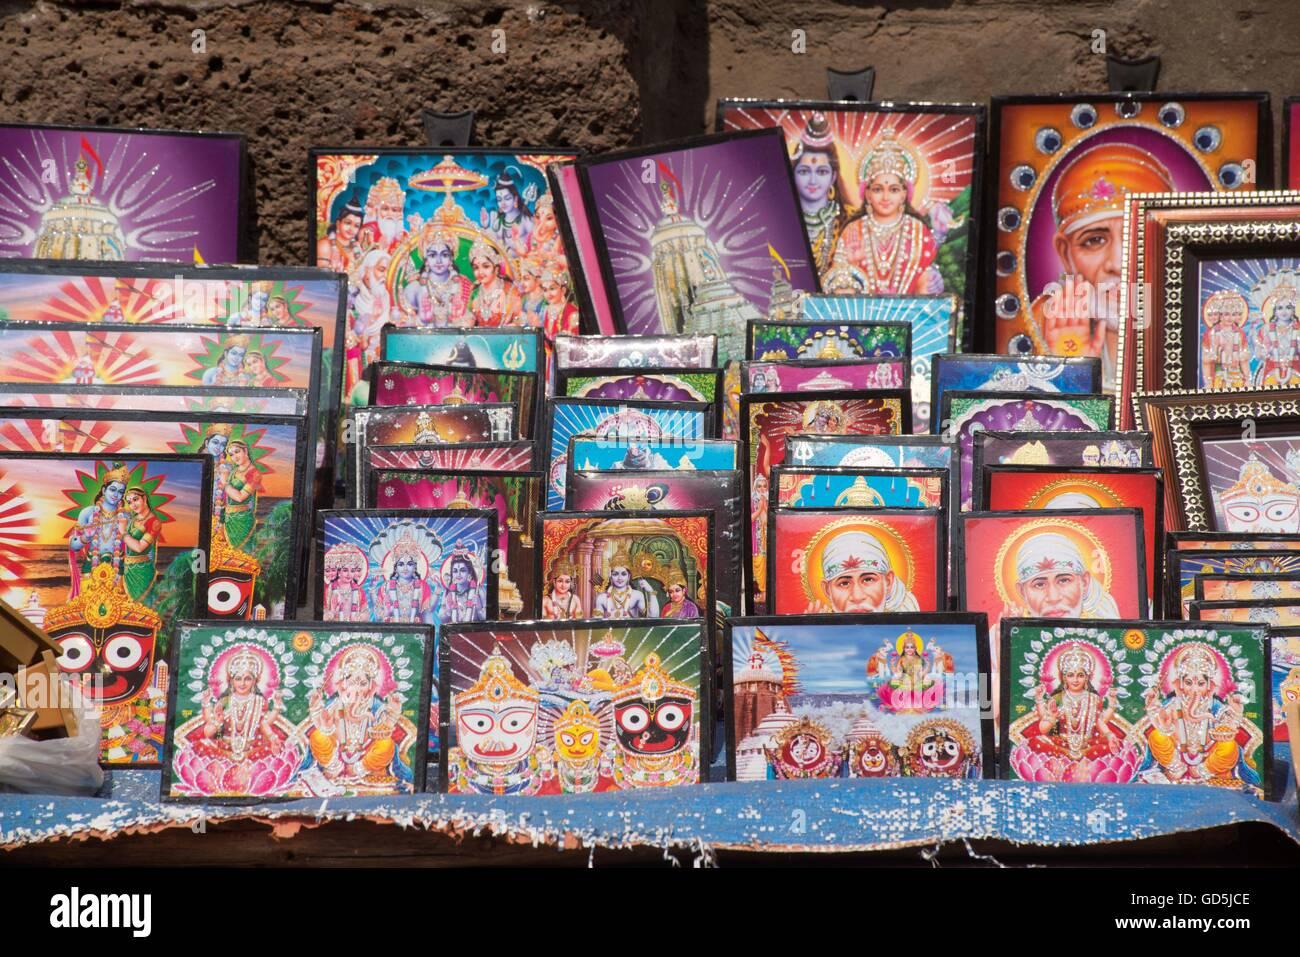 Laminierte Bilderrahmen der Götter gehalten für Verkauf, Puri ...